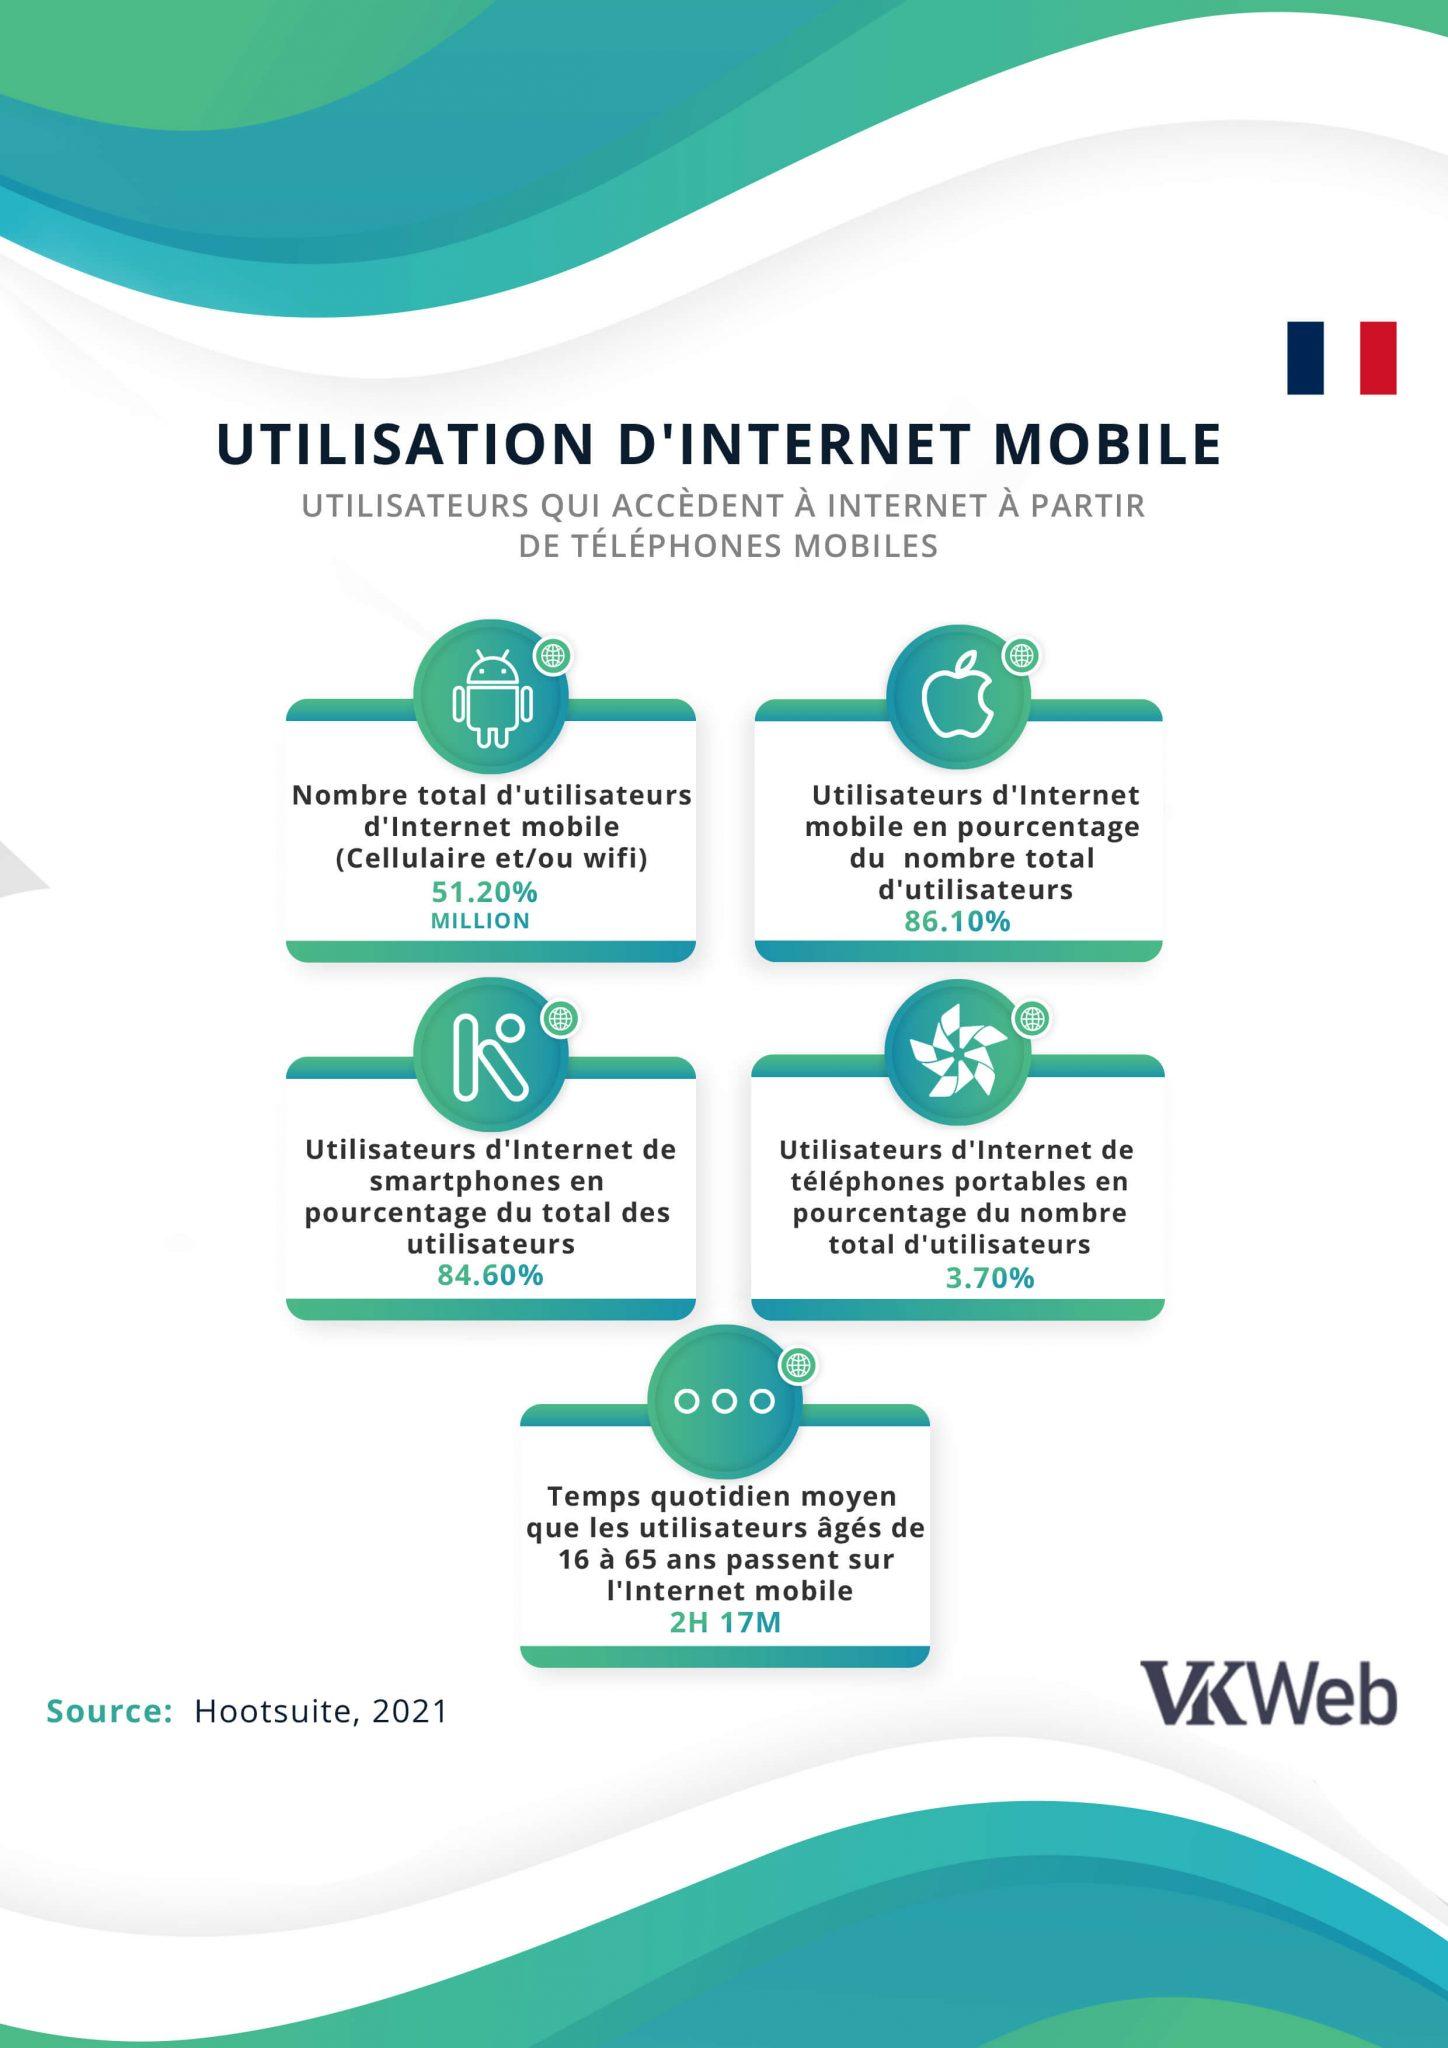 Utilisateurs de mobiles qui accèdent à Internet en utilisant un mobile en France